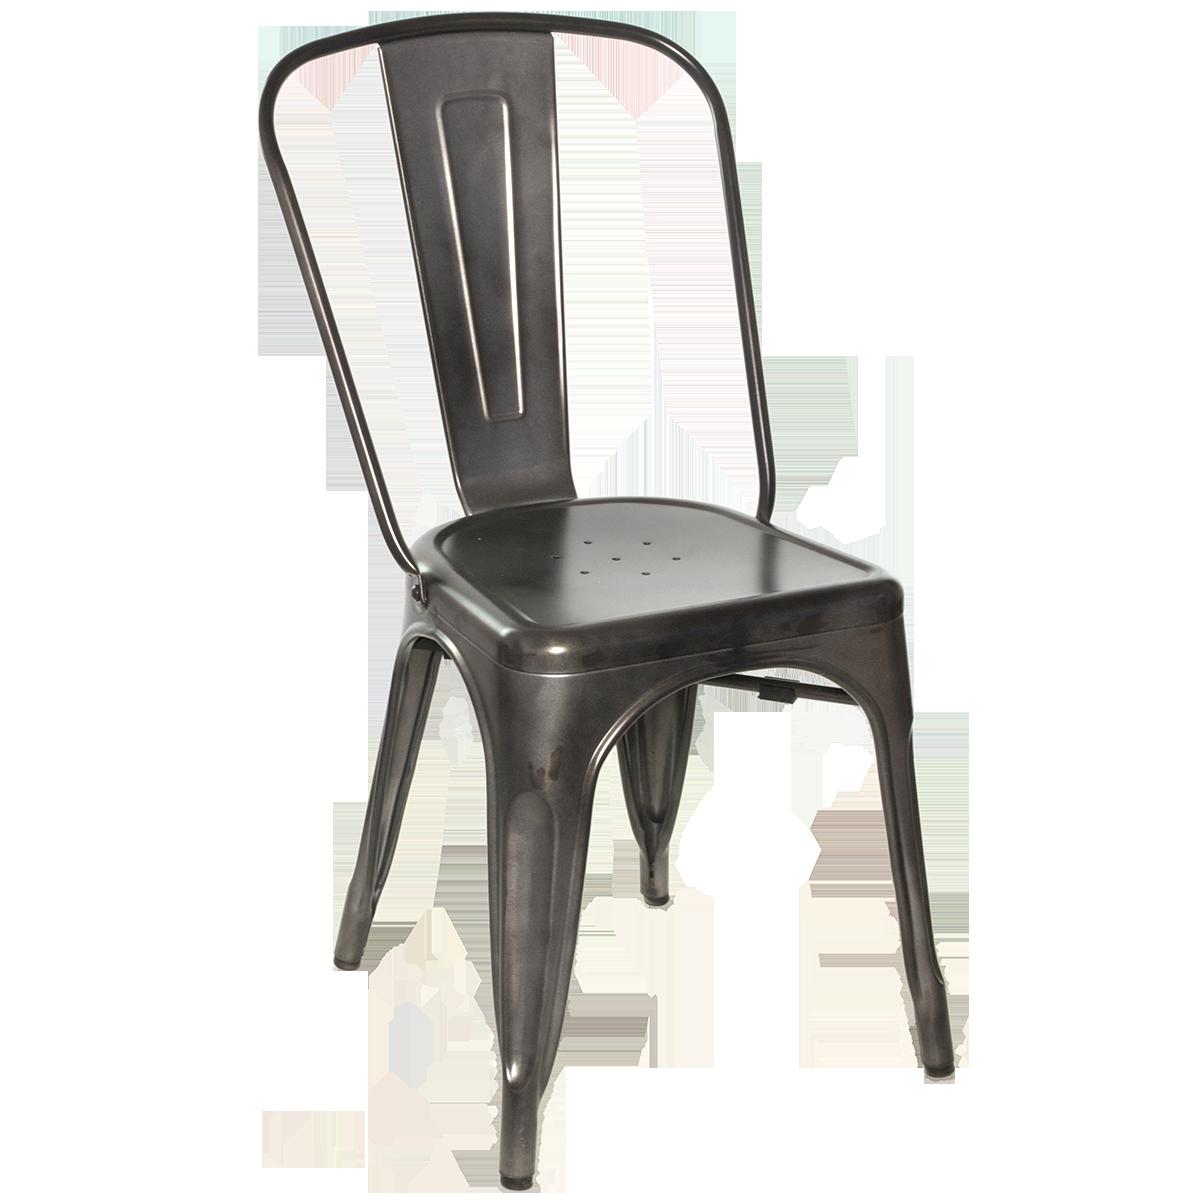 Outdoor Kitchen Jackson Ms: Chairs: Galvanized Gunmetal Steel, Chair